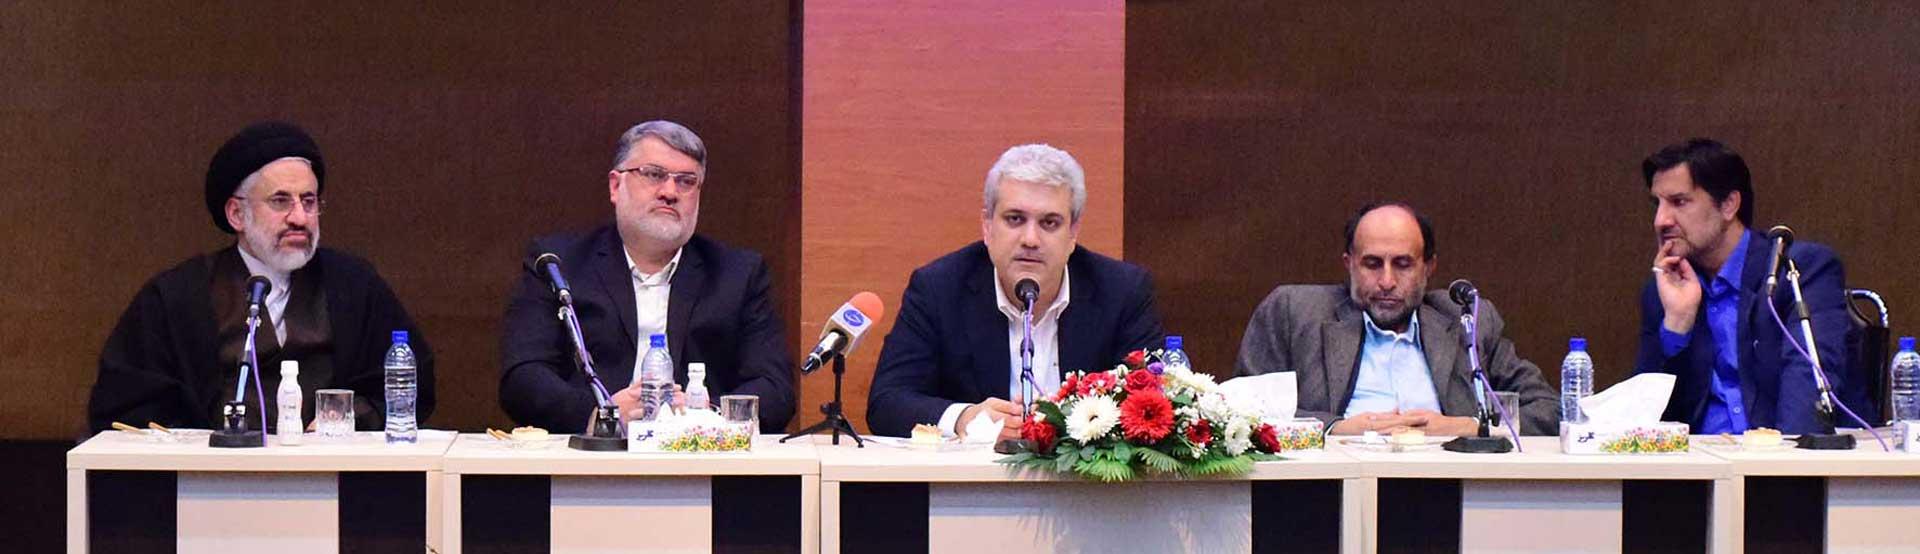 معاون علمی و فناوری رئیس جمهوری قول داد: کمک ۳ میلیارد تومانی برای تامین زیرساخت مراکز رشد استان